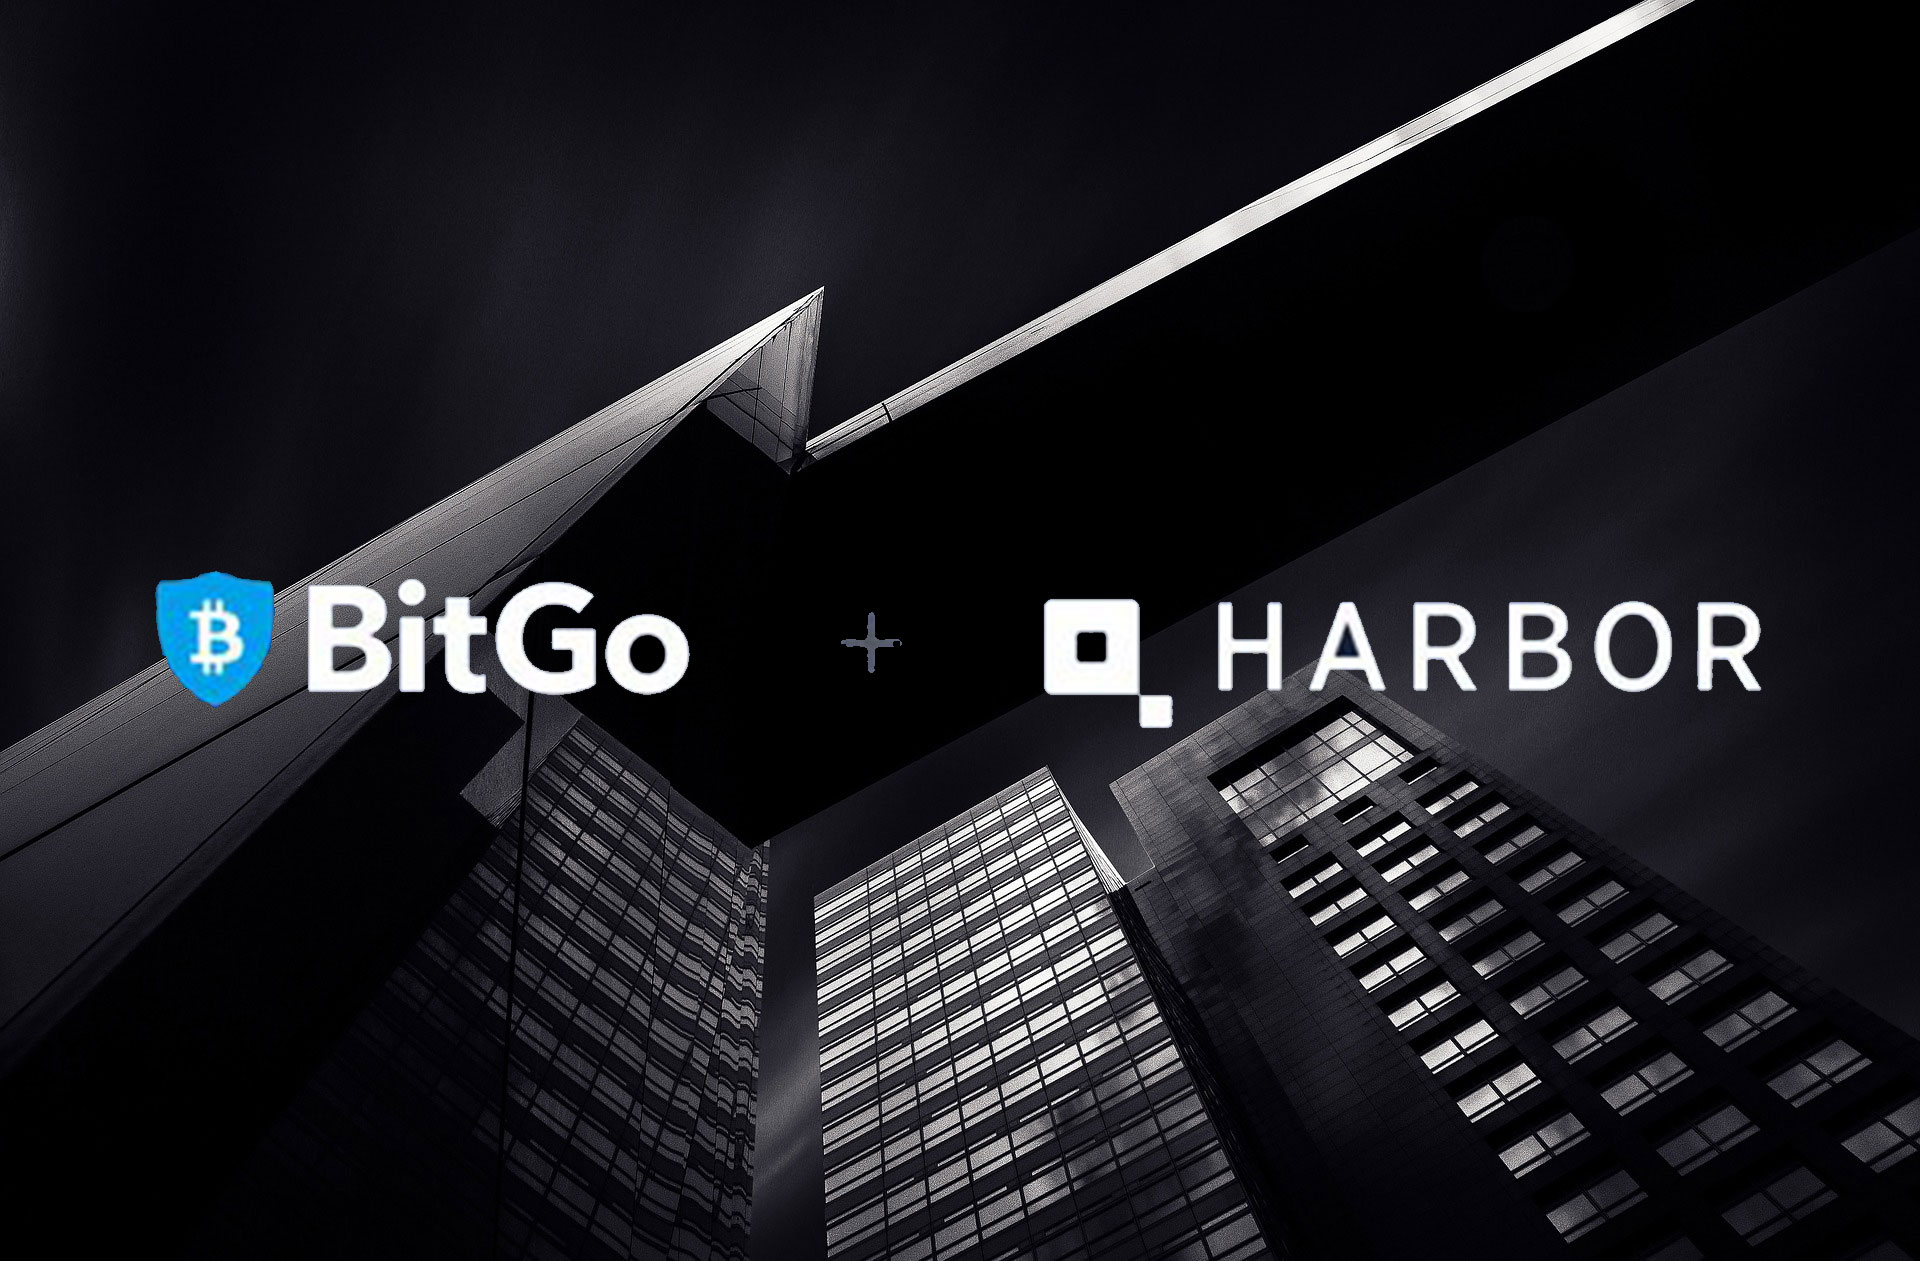 米仮想通貨カストディ企業BitGoがSTOプラットフォームHarborを買収!